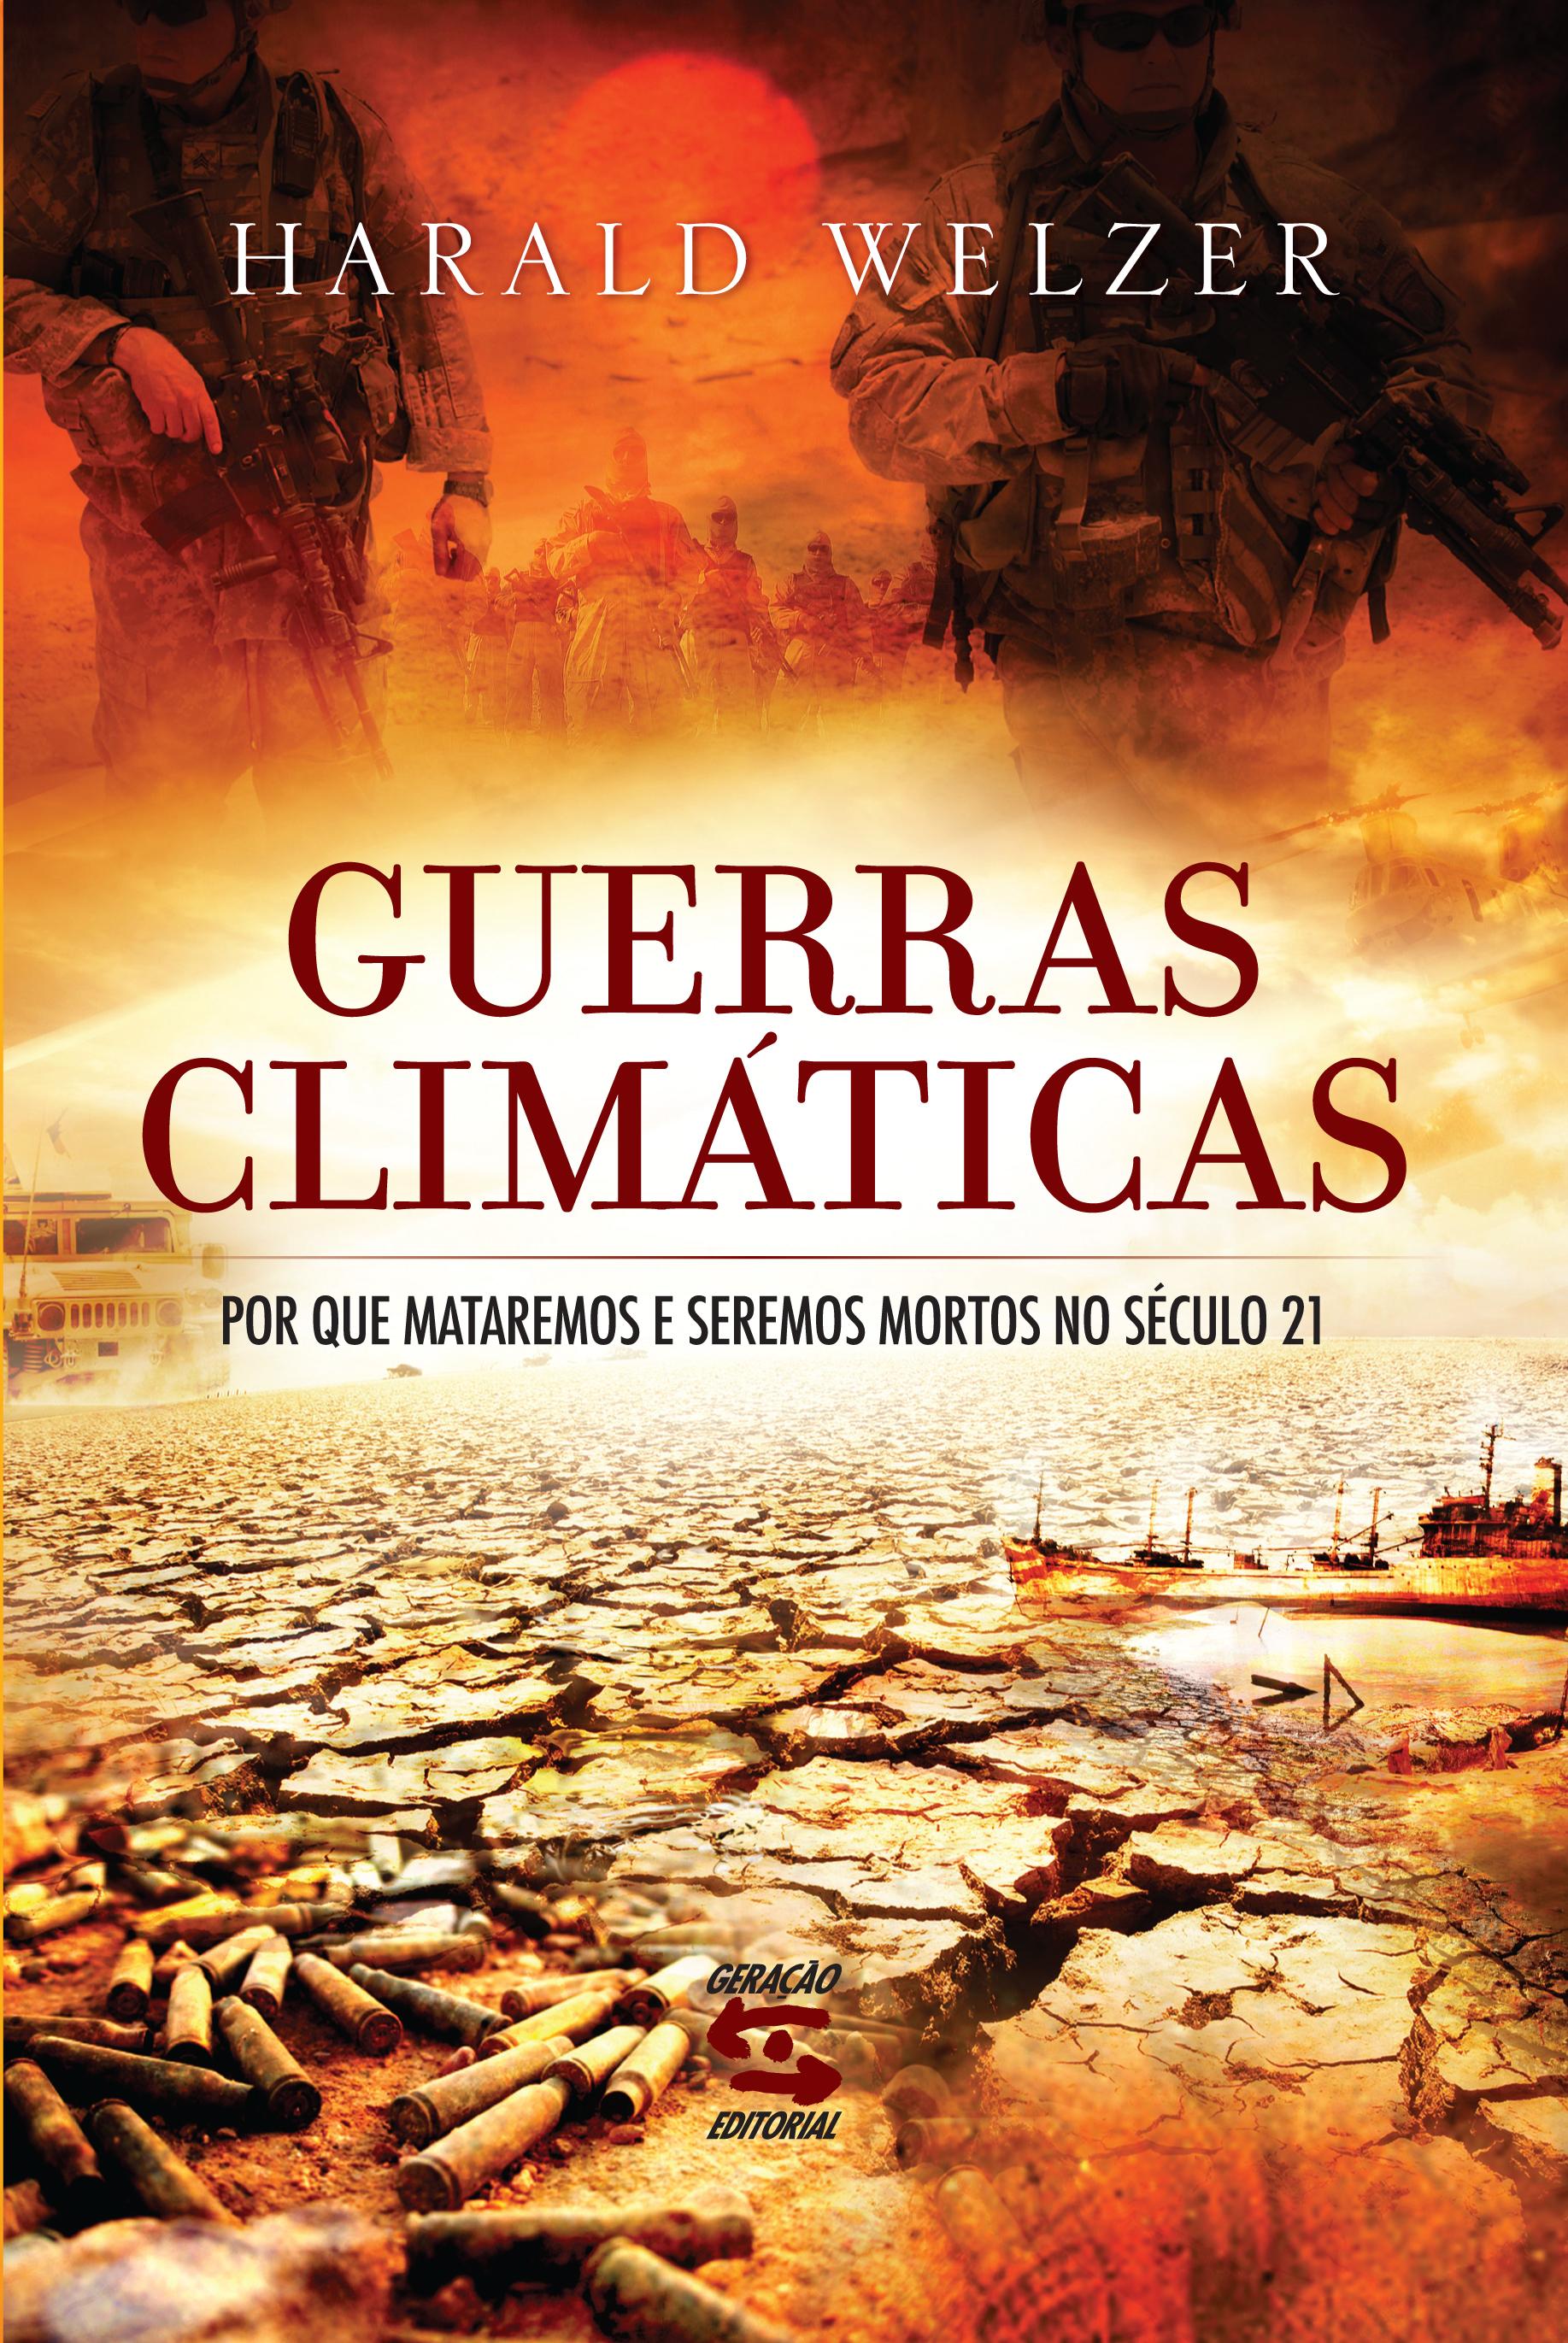 Capa_Guerras_Climaticas_23_02.indd